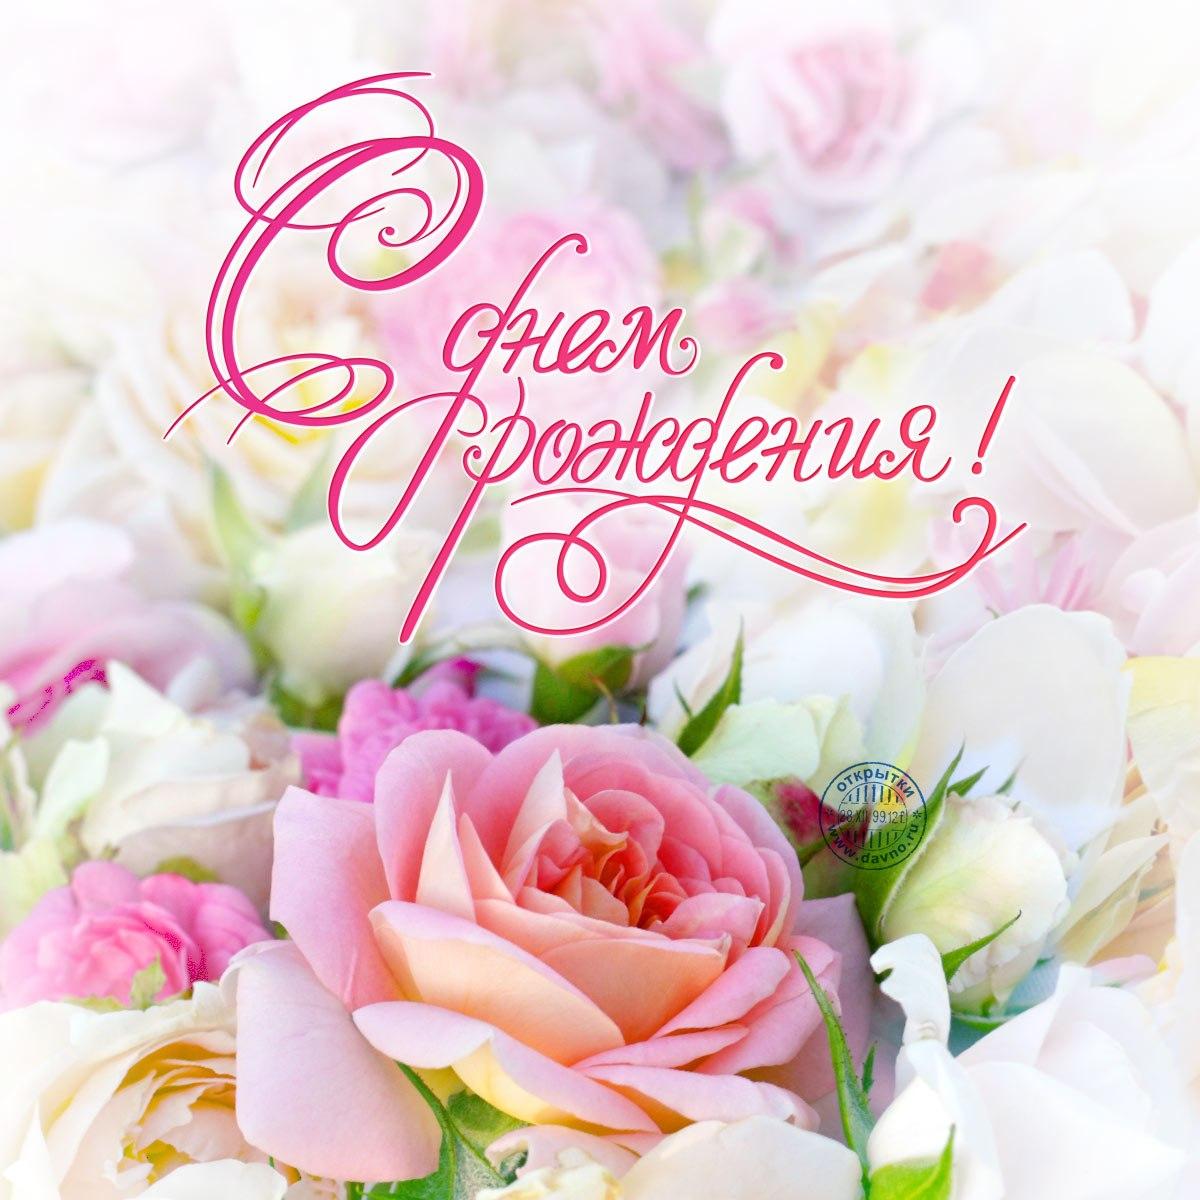 Открытки, открытка поздравление с днем рождения женщину